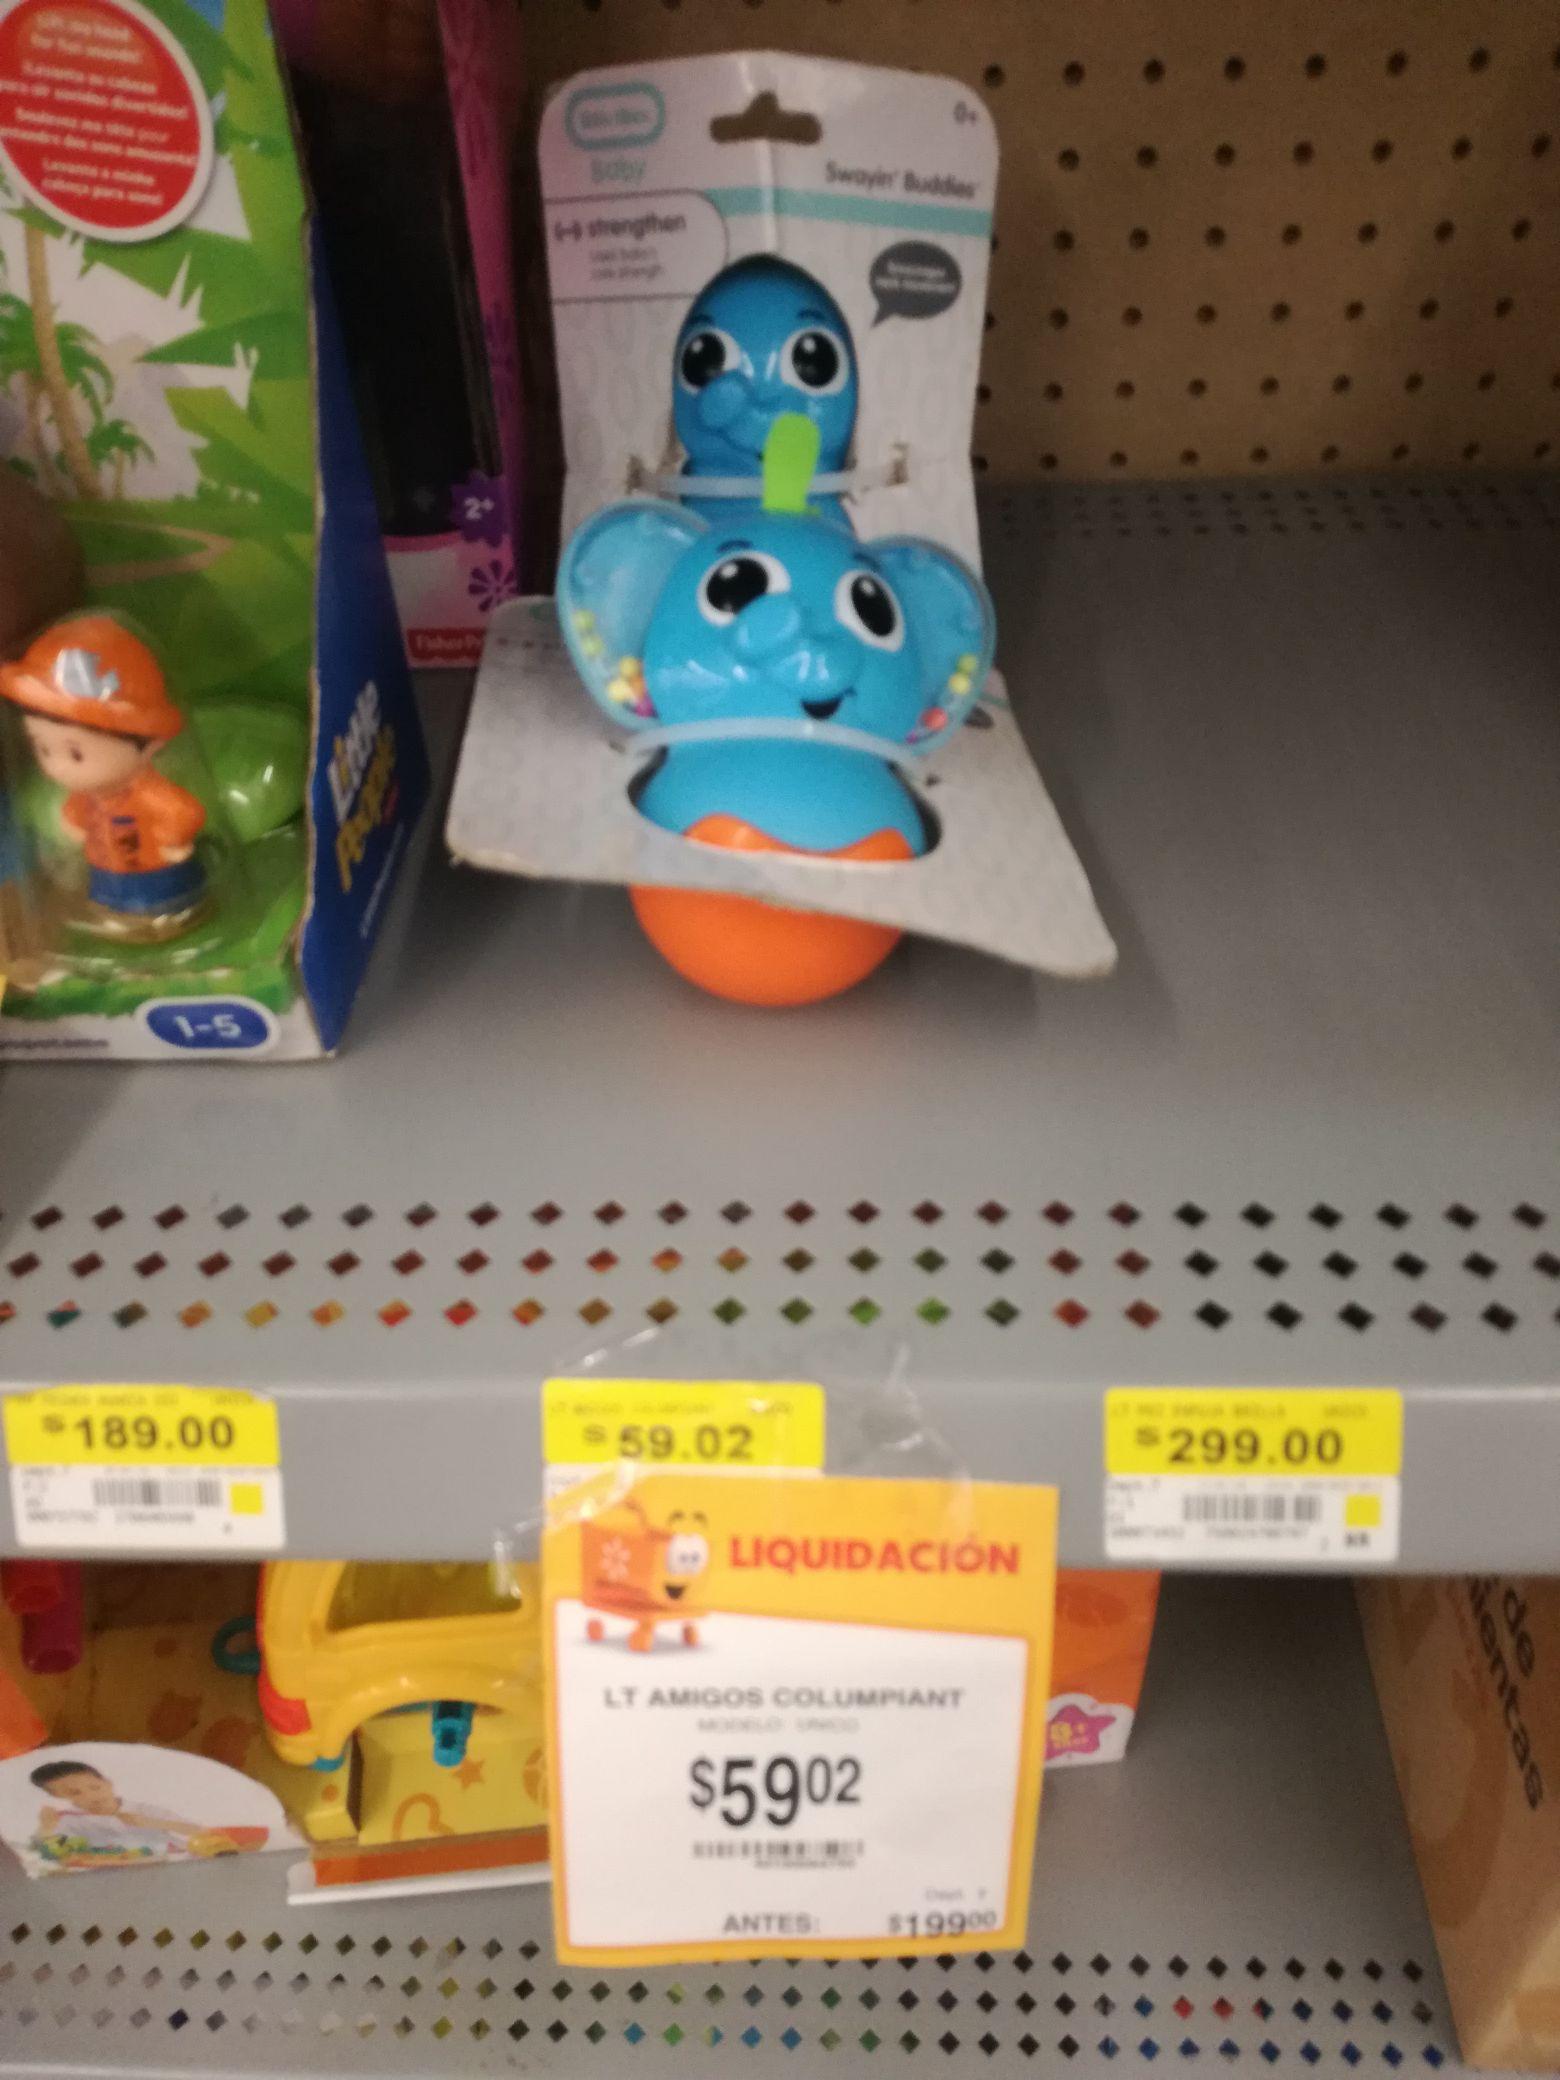 Walmart juguete de bebe de $199 a $59.02 y mas